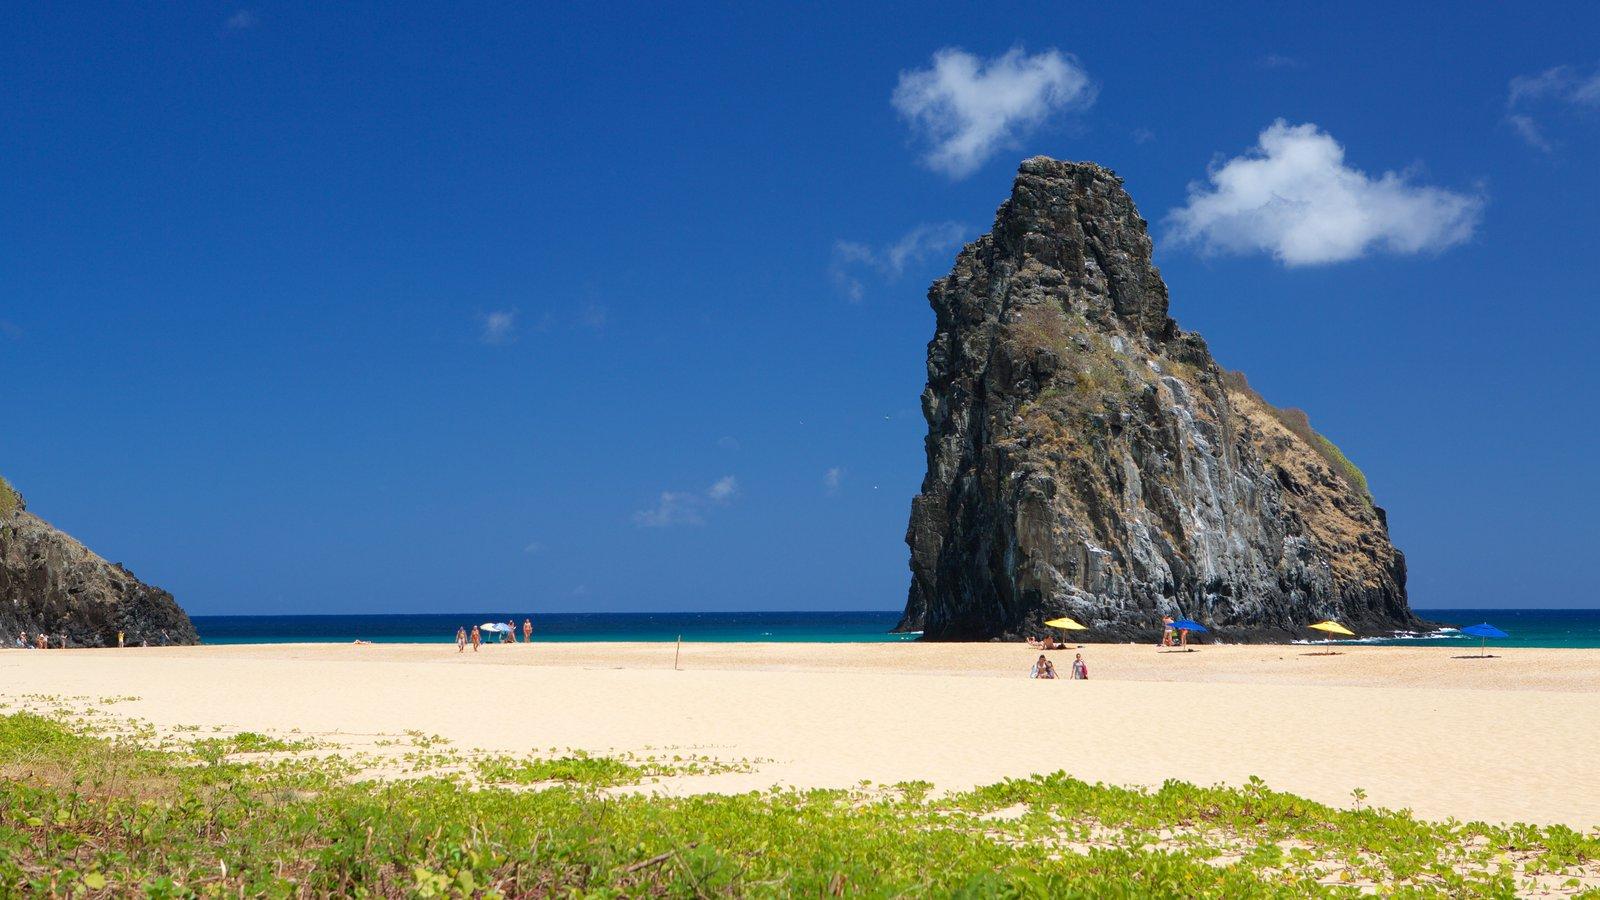 Praia Cacimba do Padre mostrando paisagens litorâneas, litoral rochoso e uma praia